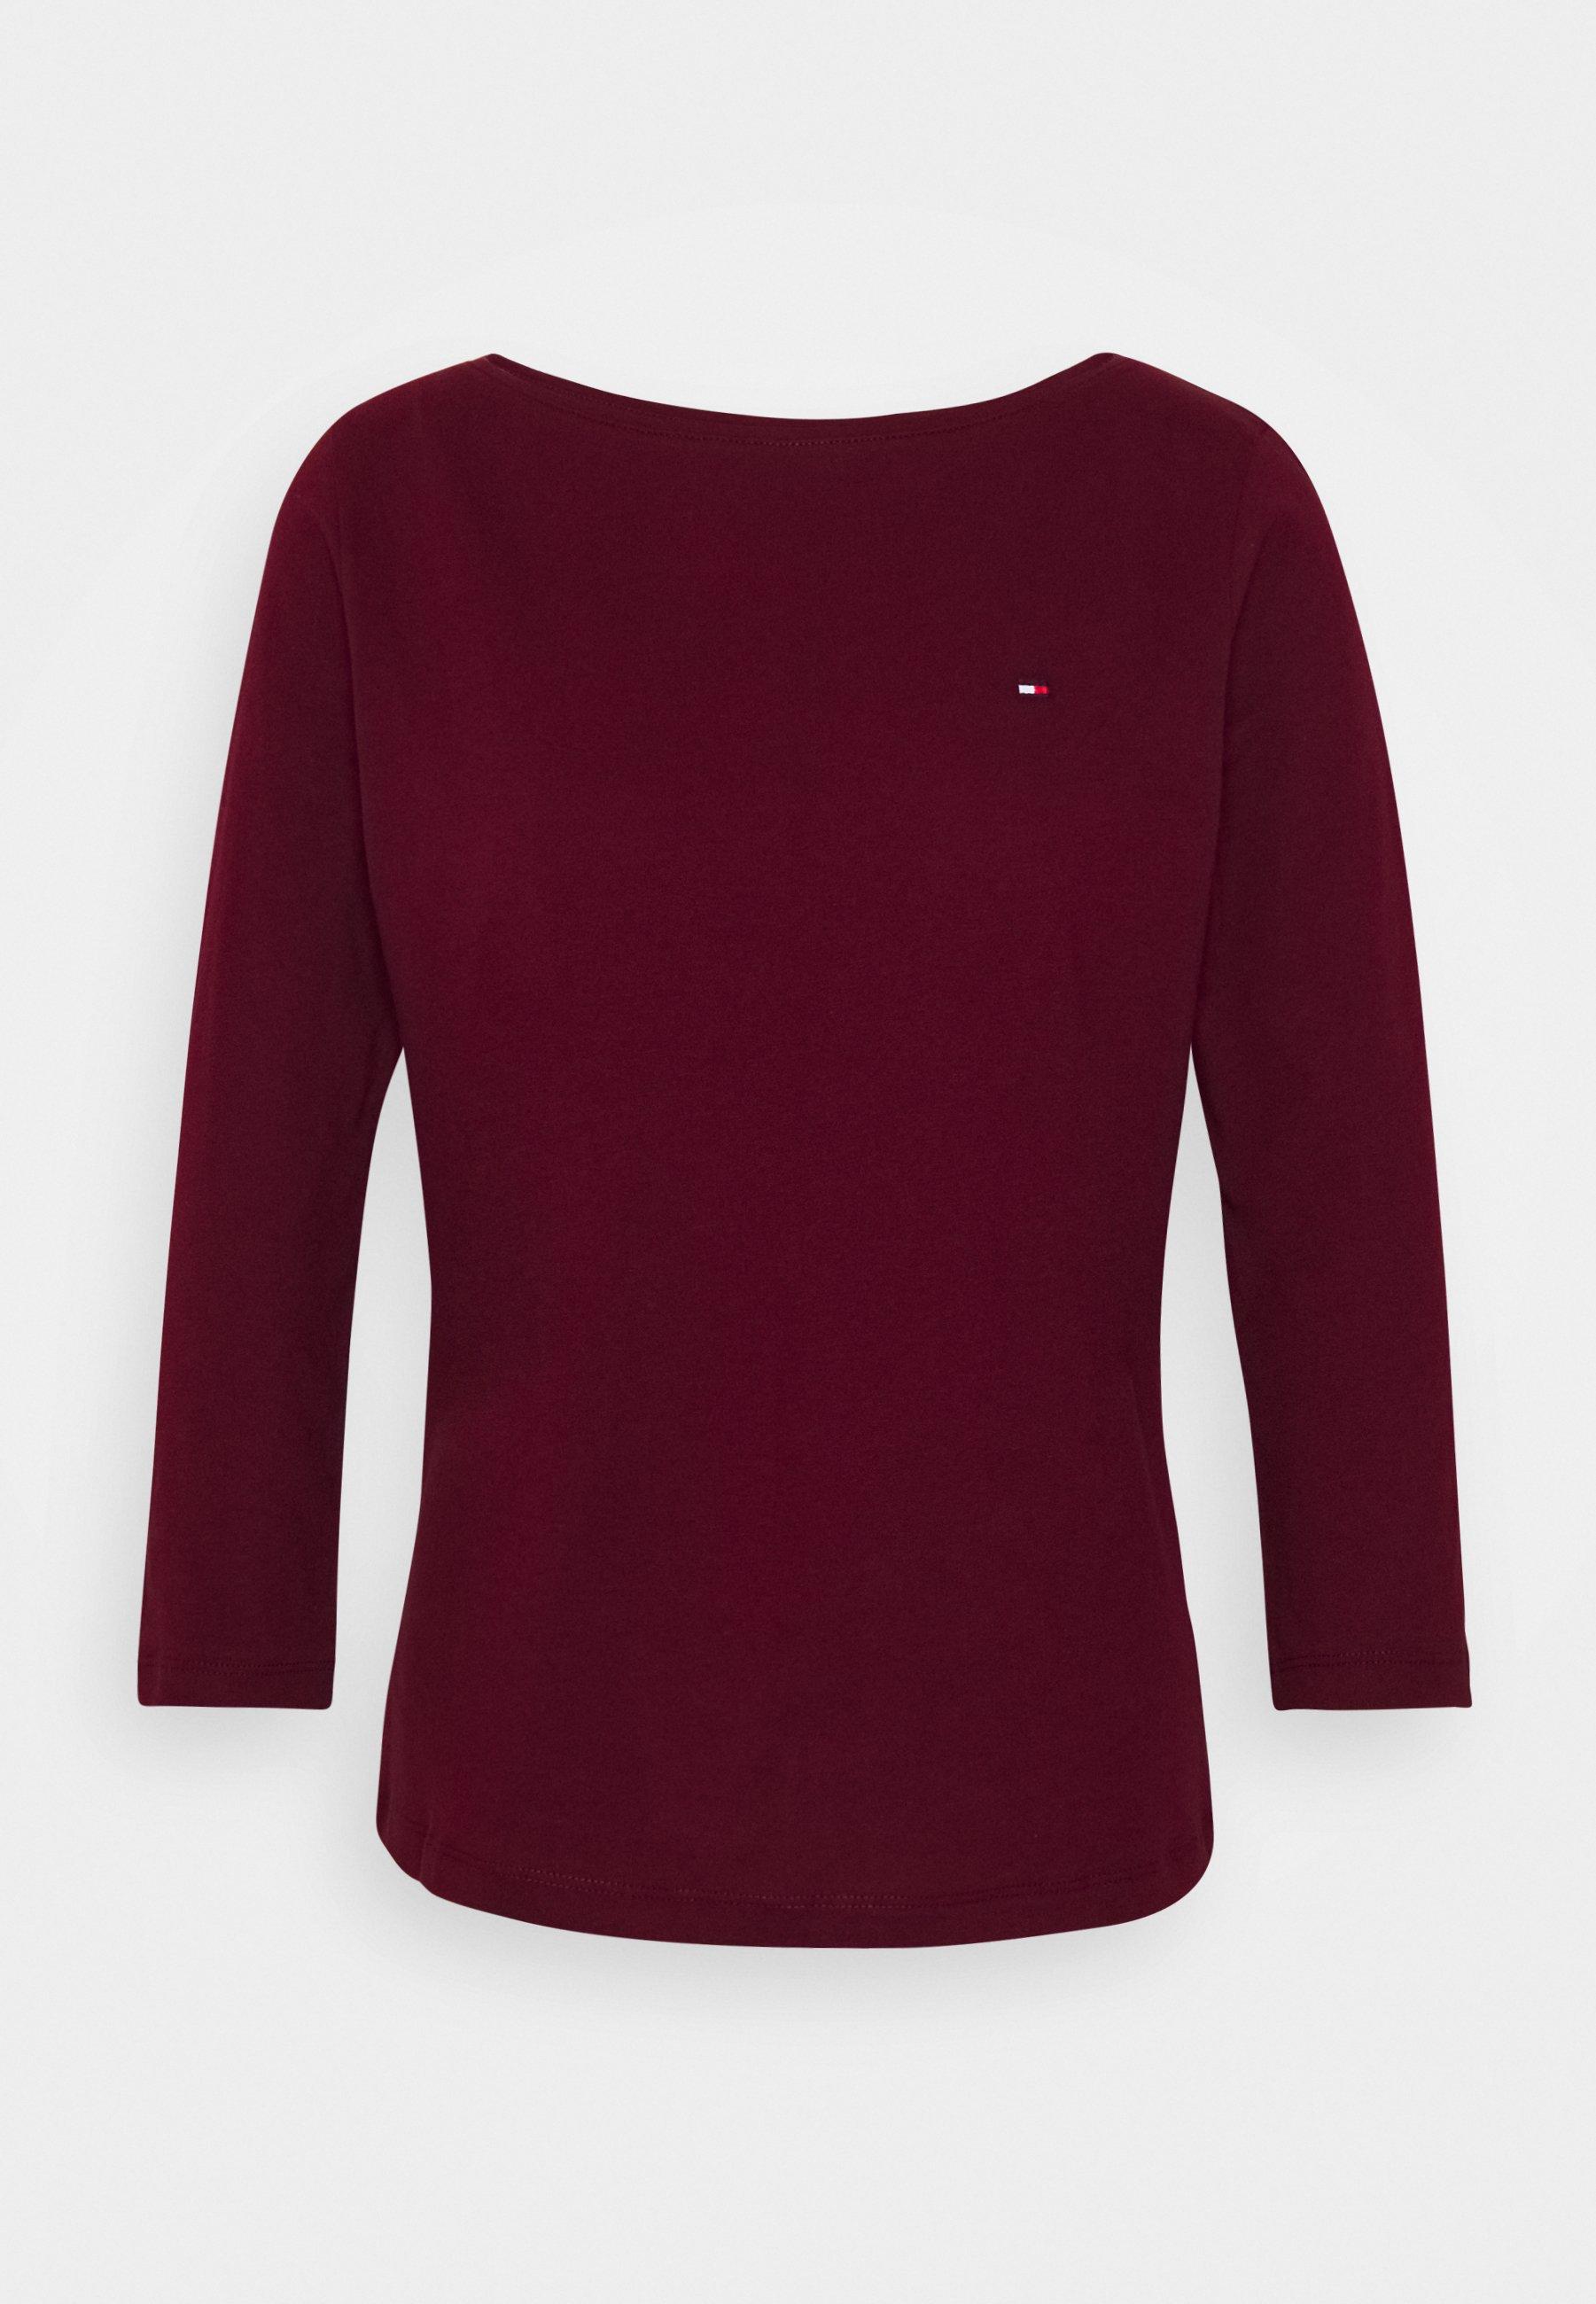 Shoppe rote T Shirts & Tops für Damen versandkostenfrei